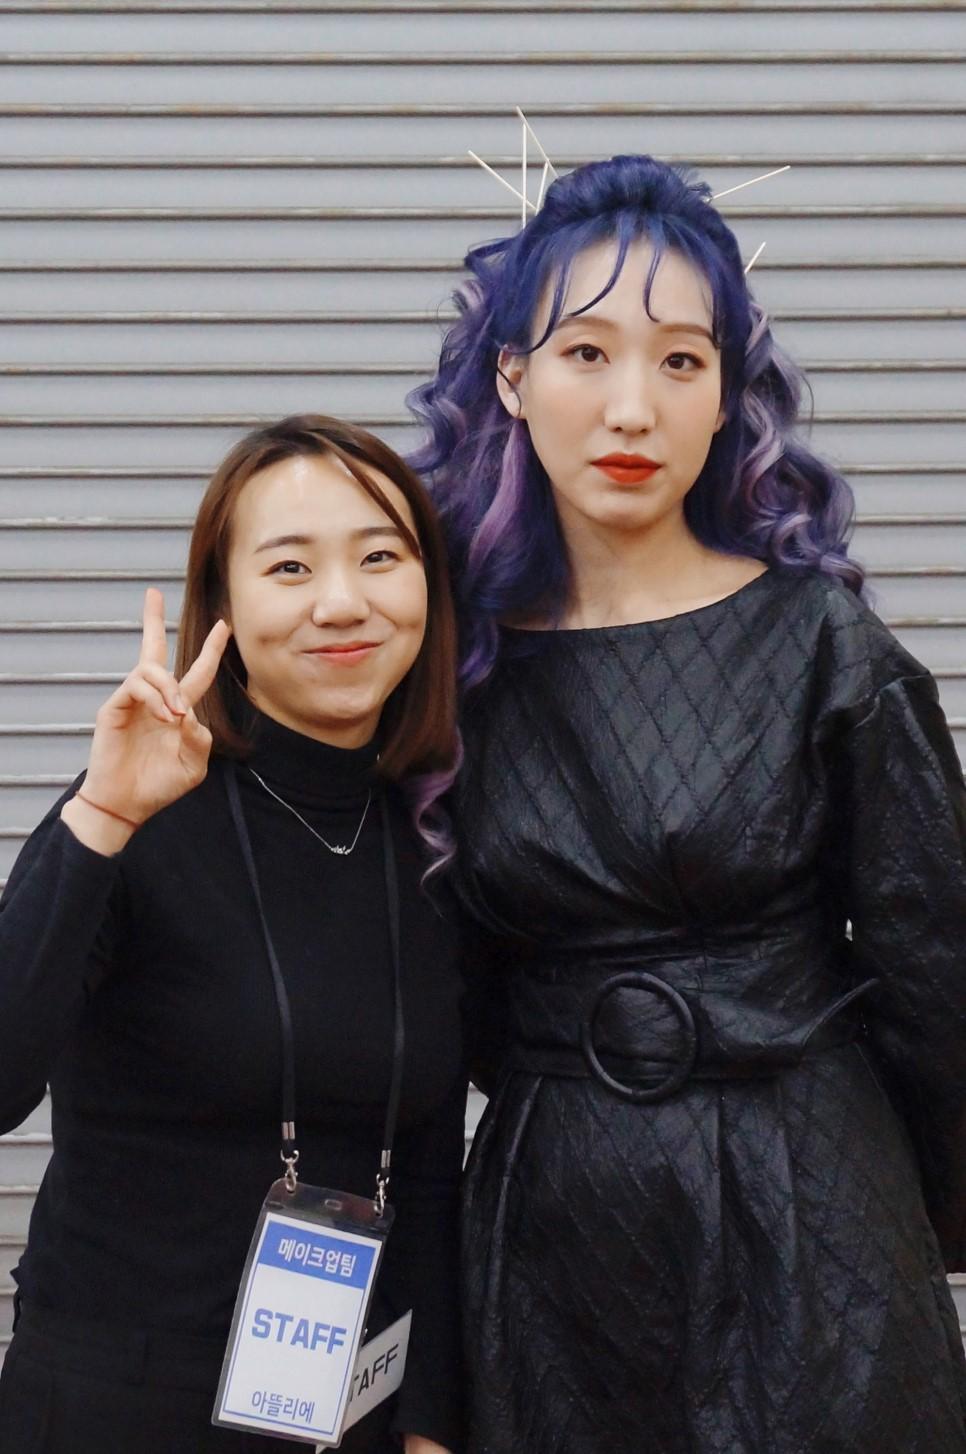 원주미용학원 2018 라빠 브랜뉴데이 현장실습-조희♡